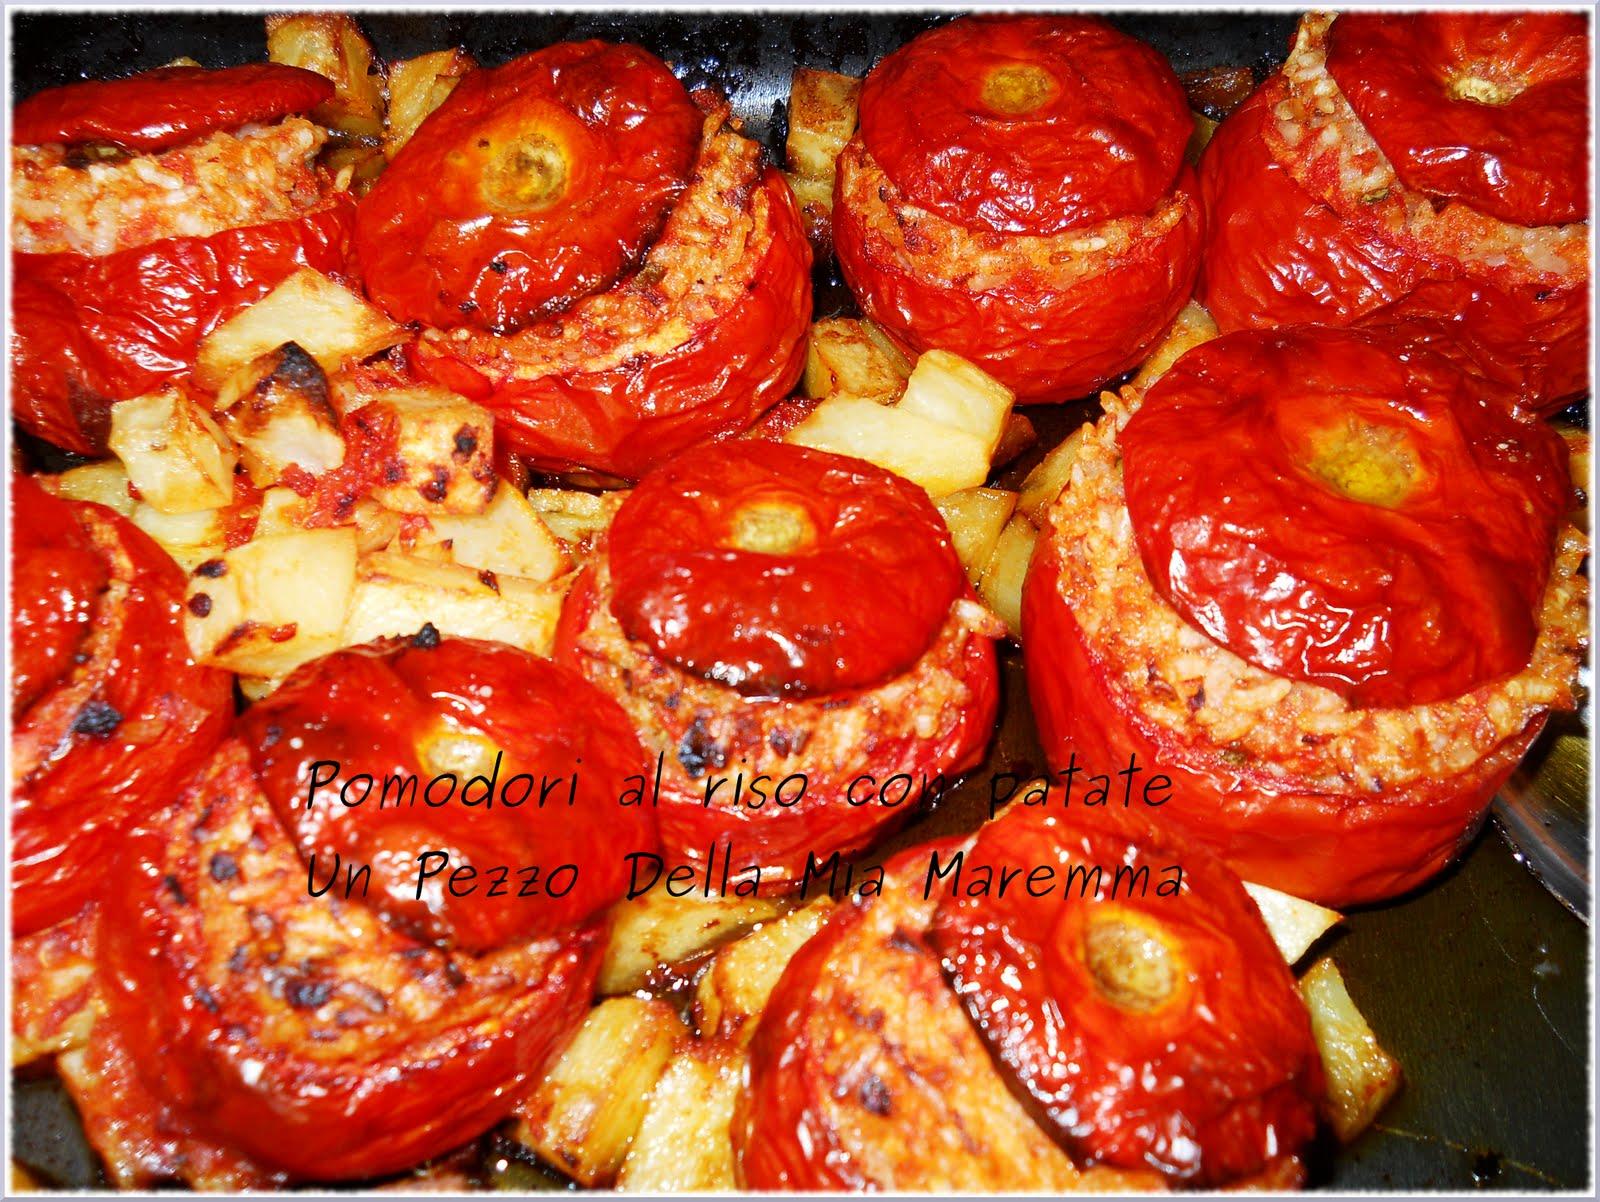 Un pezzo della mia maremma pomodori al riso con patate for Piatto romano